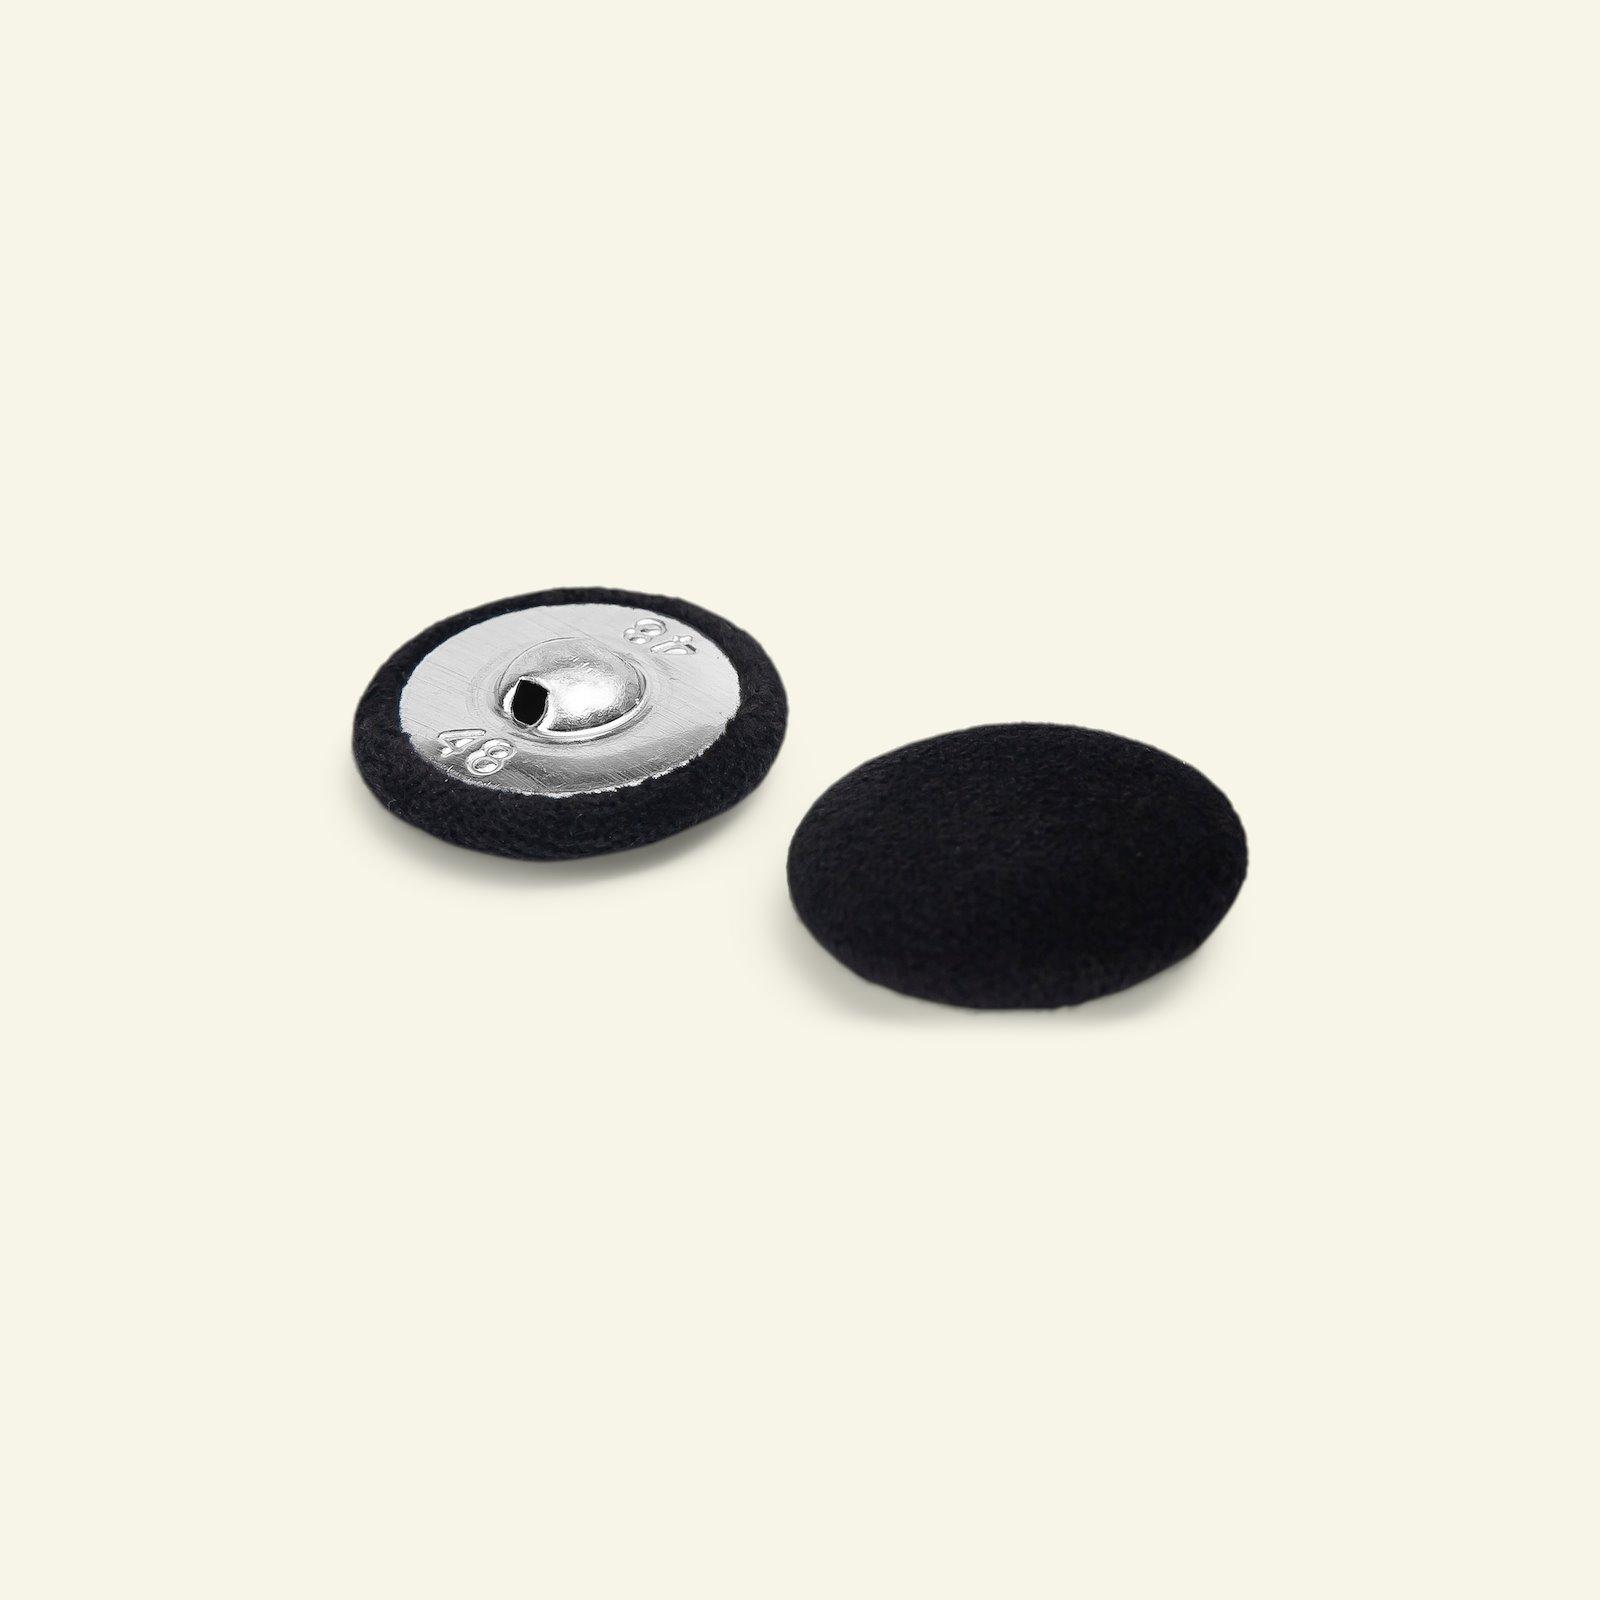 Shank button velour 30mm black 2pcs 40520_pack